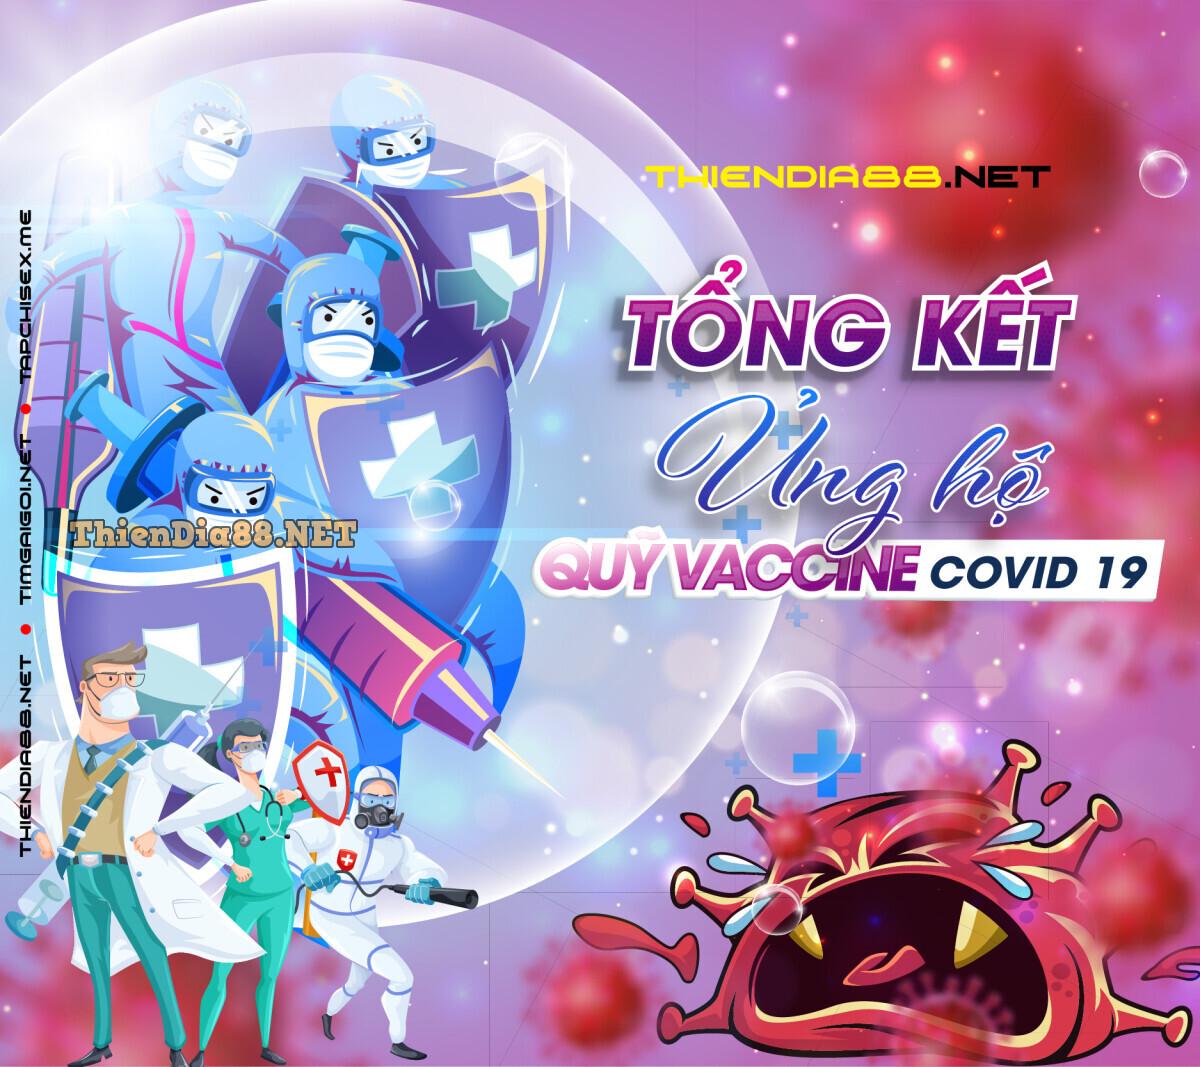 vaccine-014625b487b82f2af8.jpg